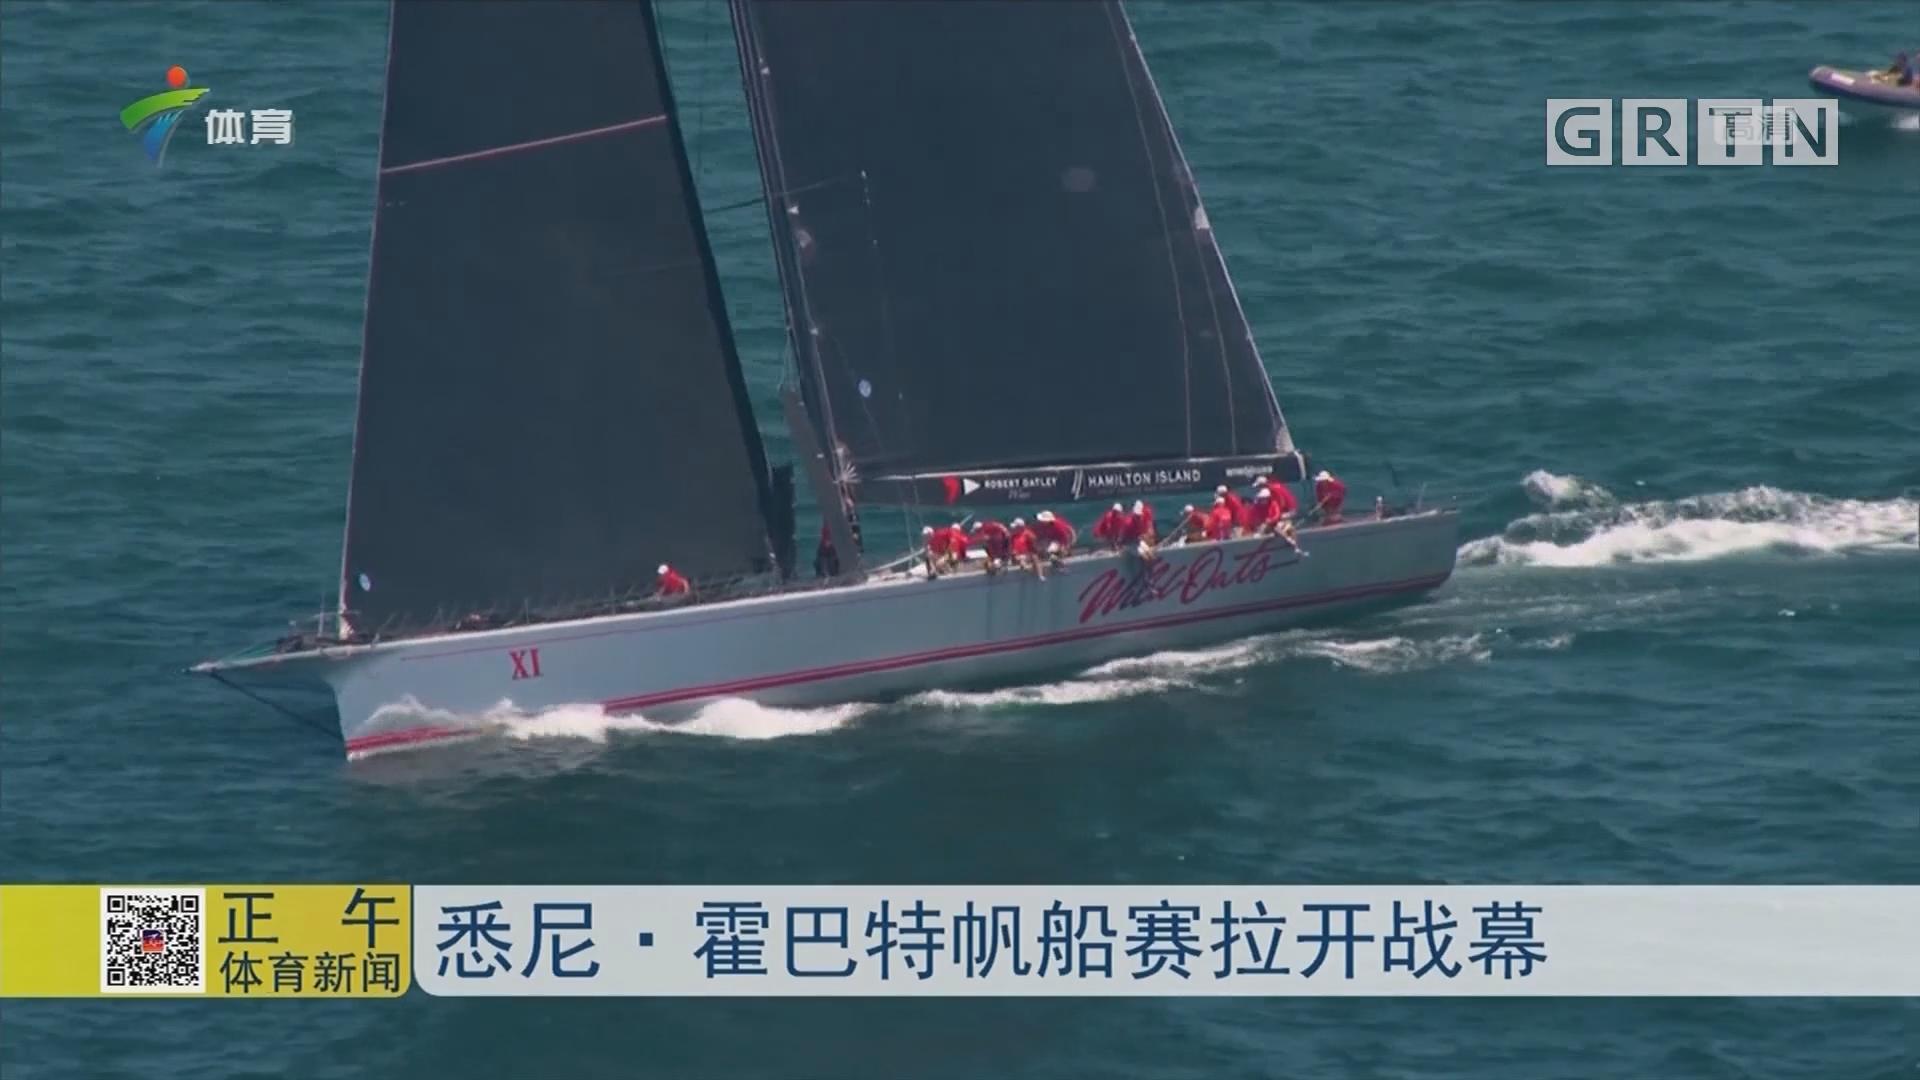 悉尼·霍巴特帆船赛拉开战幕